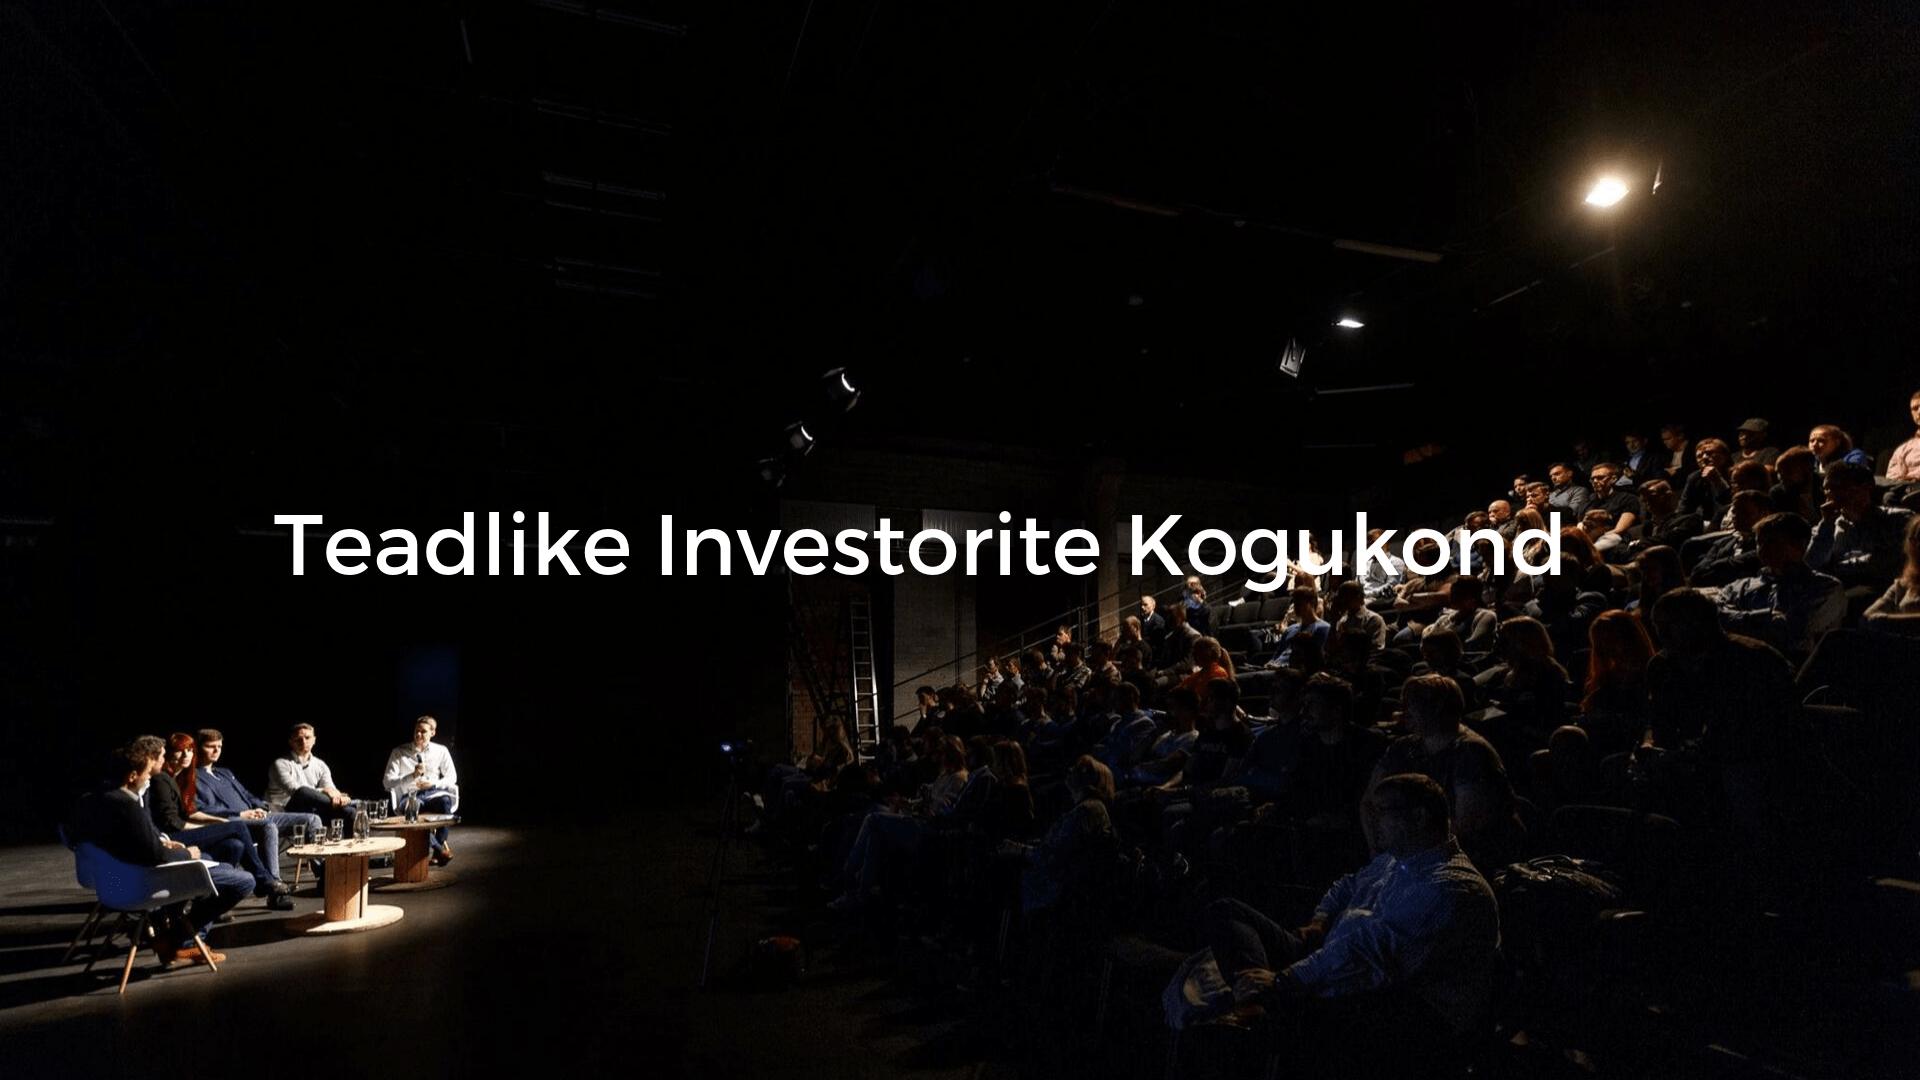 Teadlike investorite kogukond